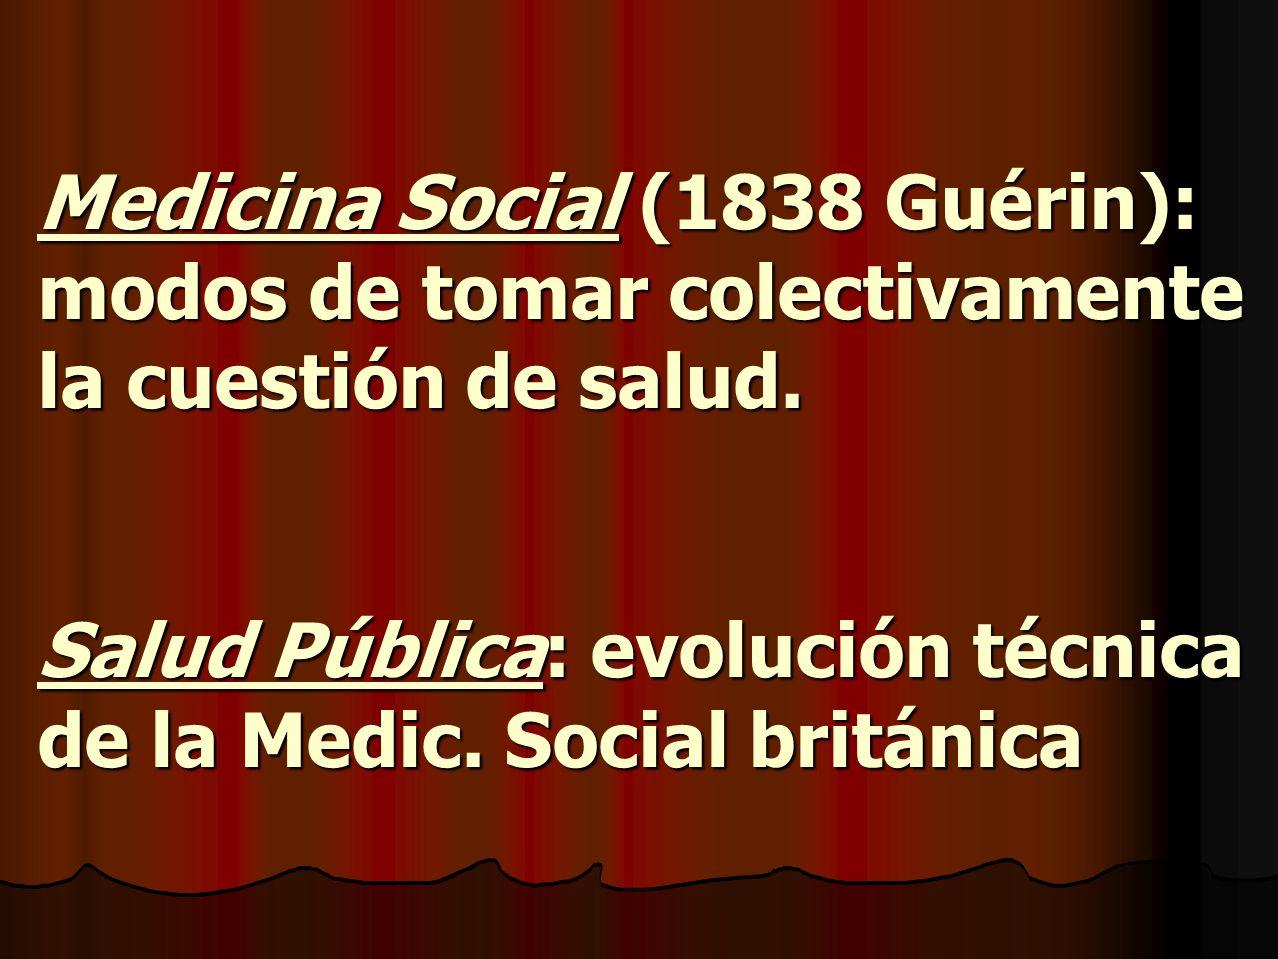 Medicina Social (1838 Guérin): modos de tomar colectivamente la cuestión de salud.